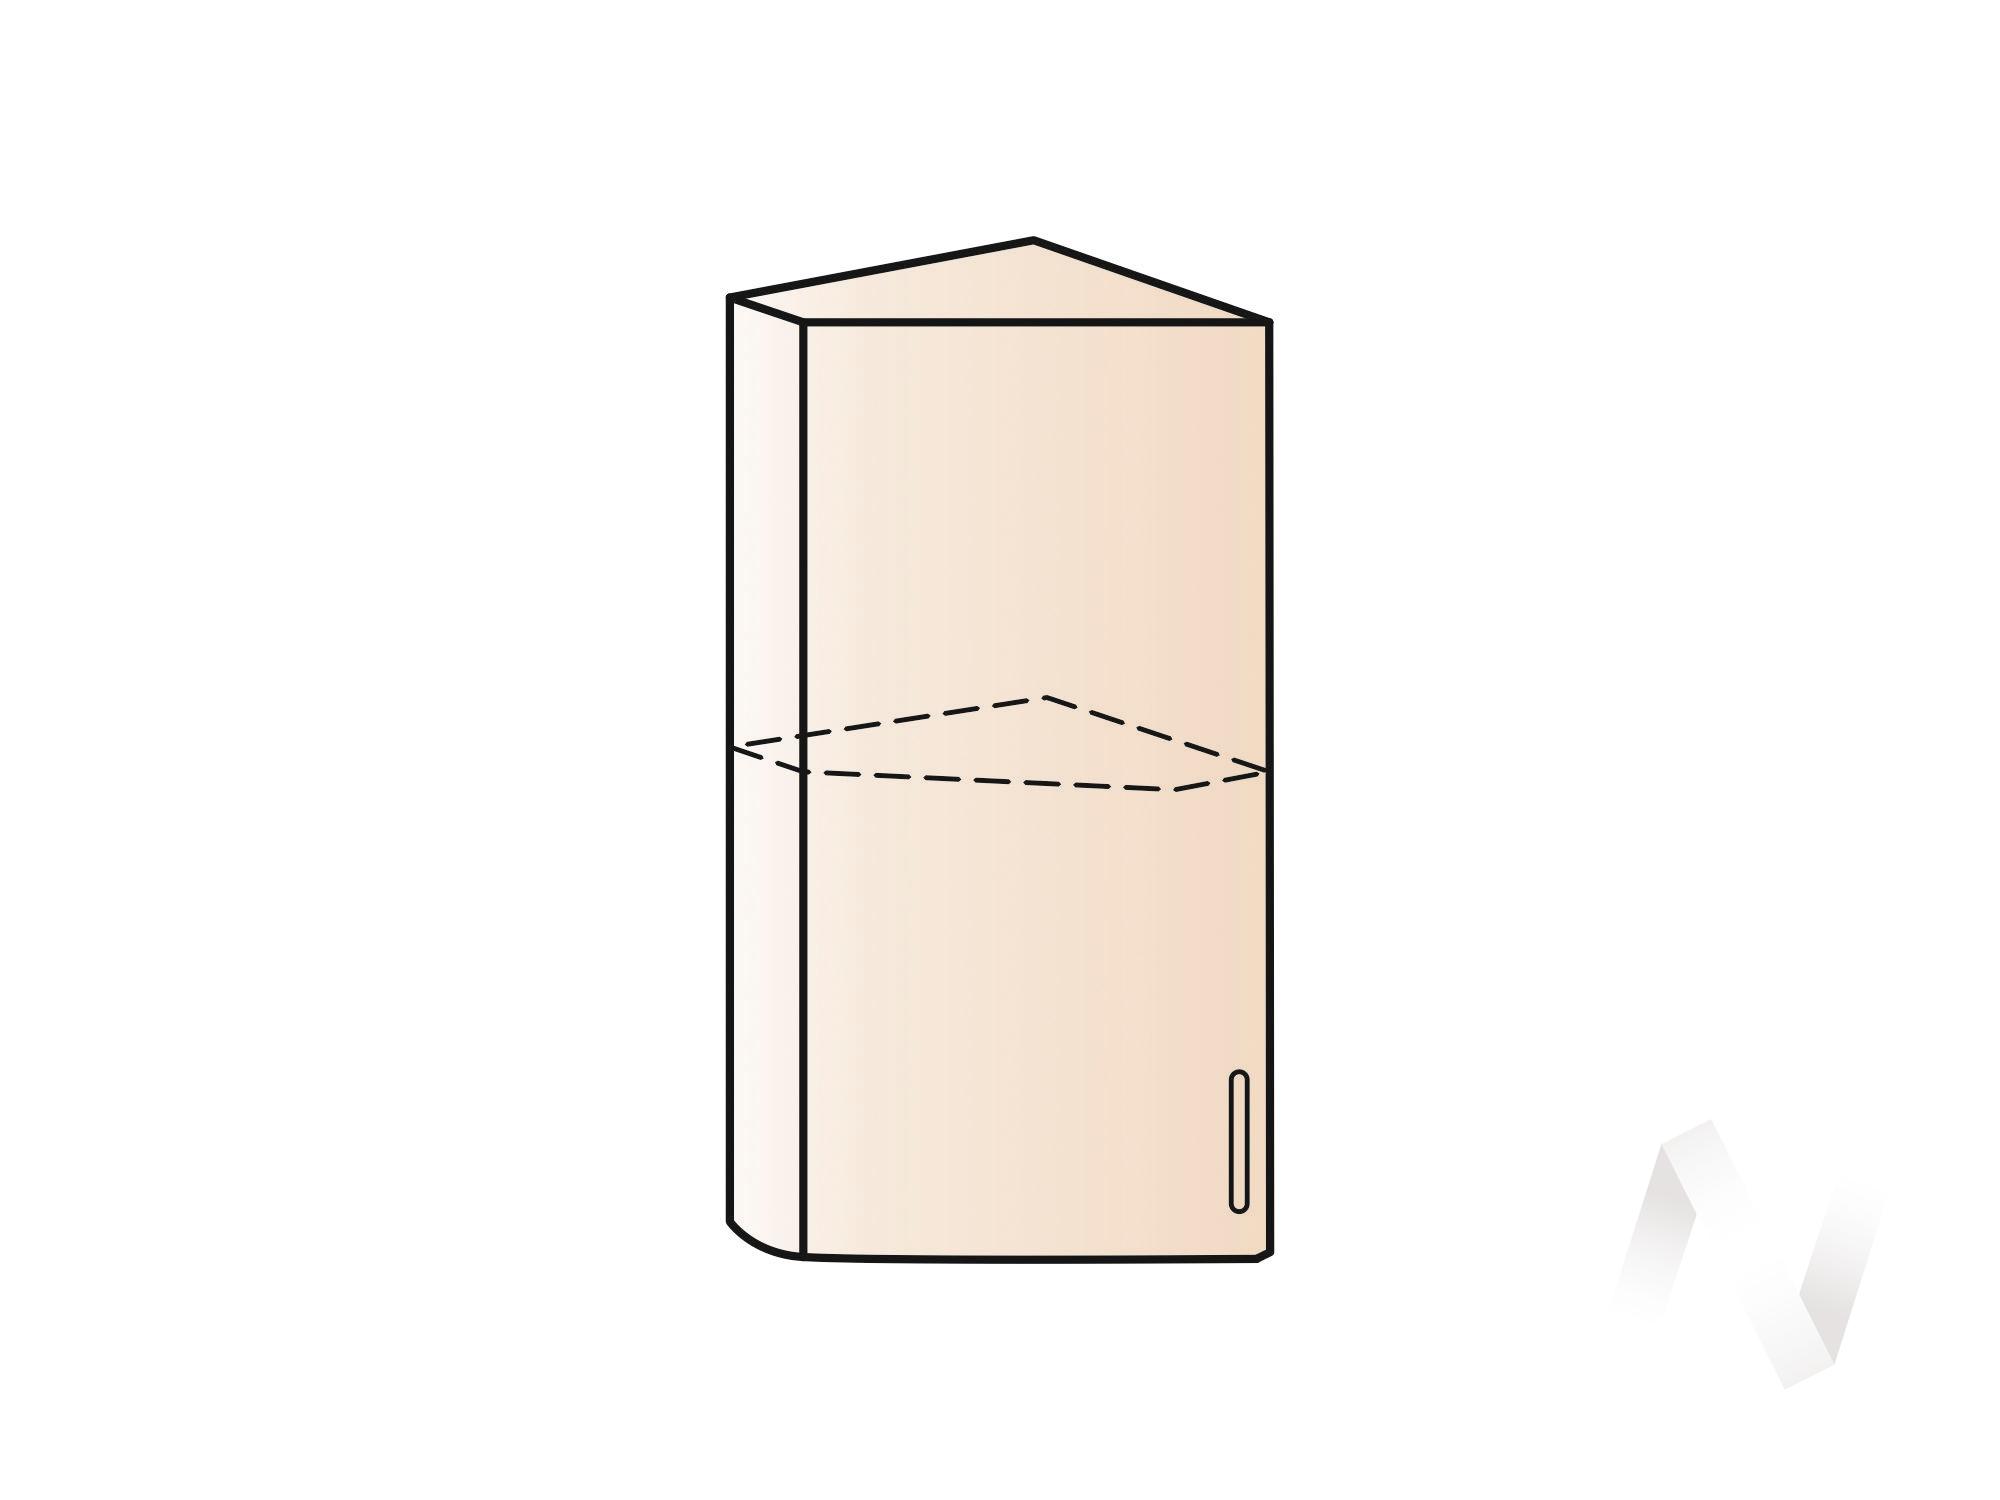 """Кухня """"Прага"""": Шкаф верхний торцевой 224, ШВТ 224 (белое дерево/корпус венге)  в Новосибирске - интернет магазин Мебельный Проспект"""